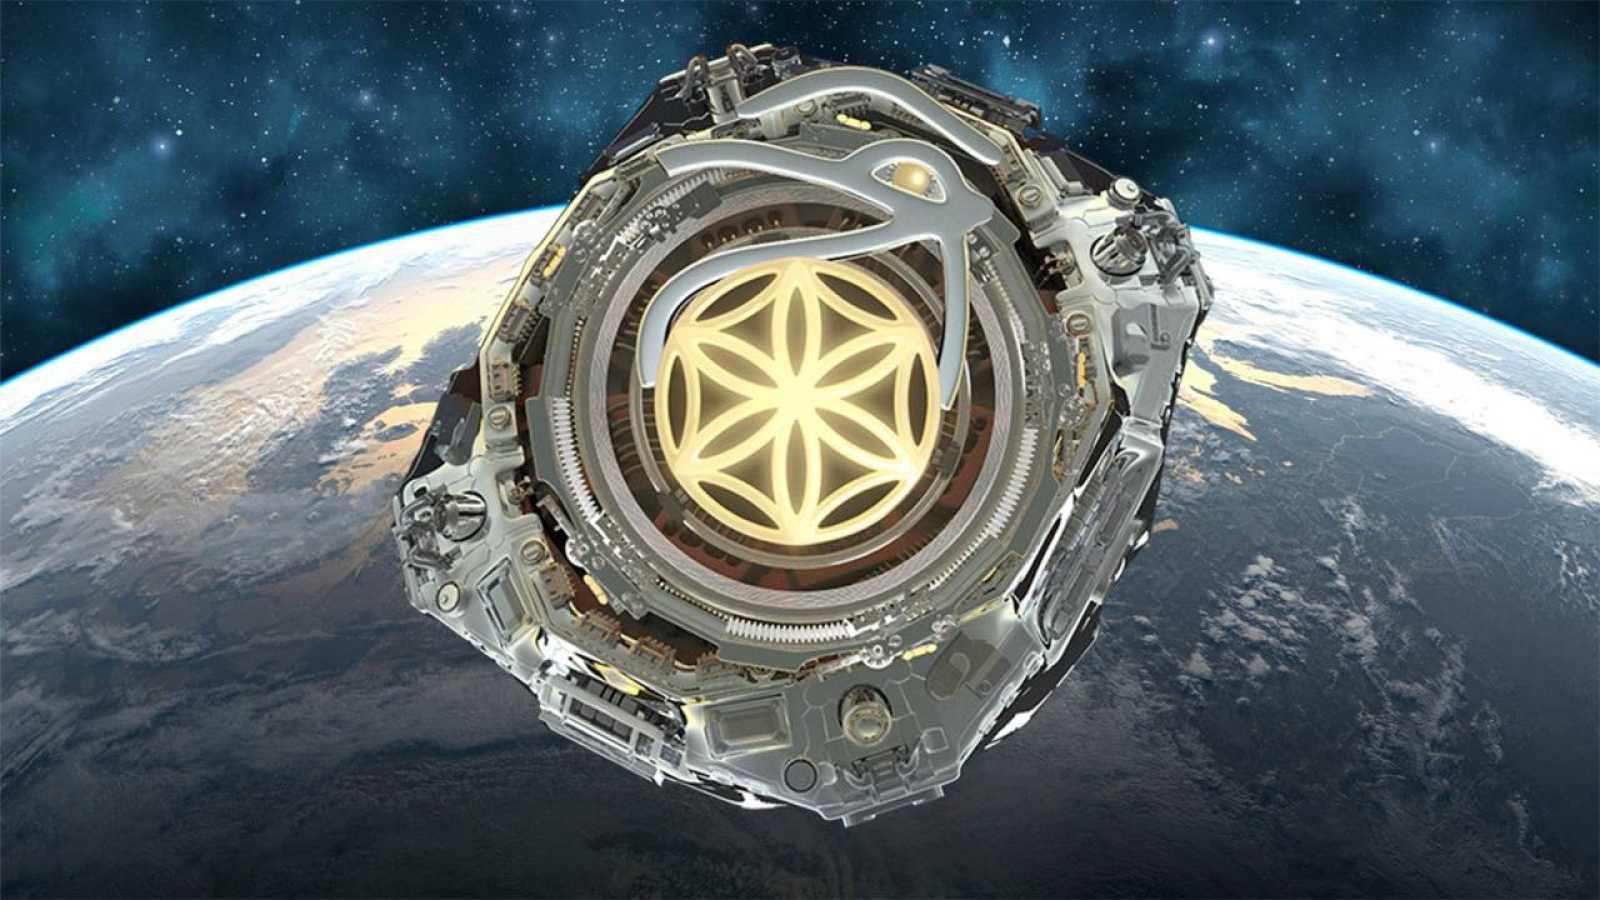 Ilustración del satélite del proyecto Asgardia difundido por la propia organización en su página web.